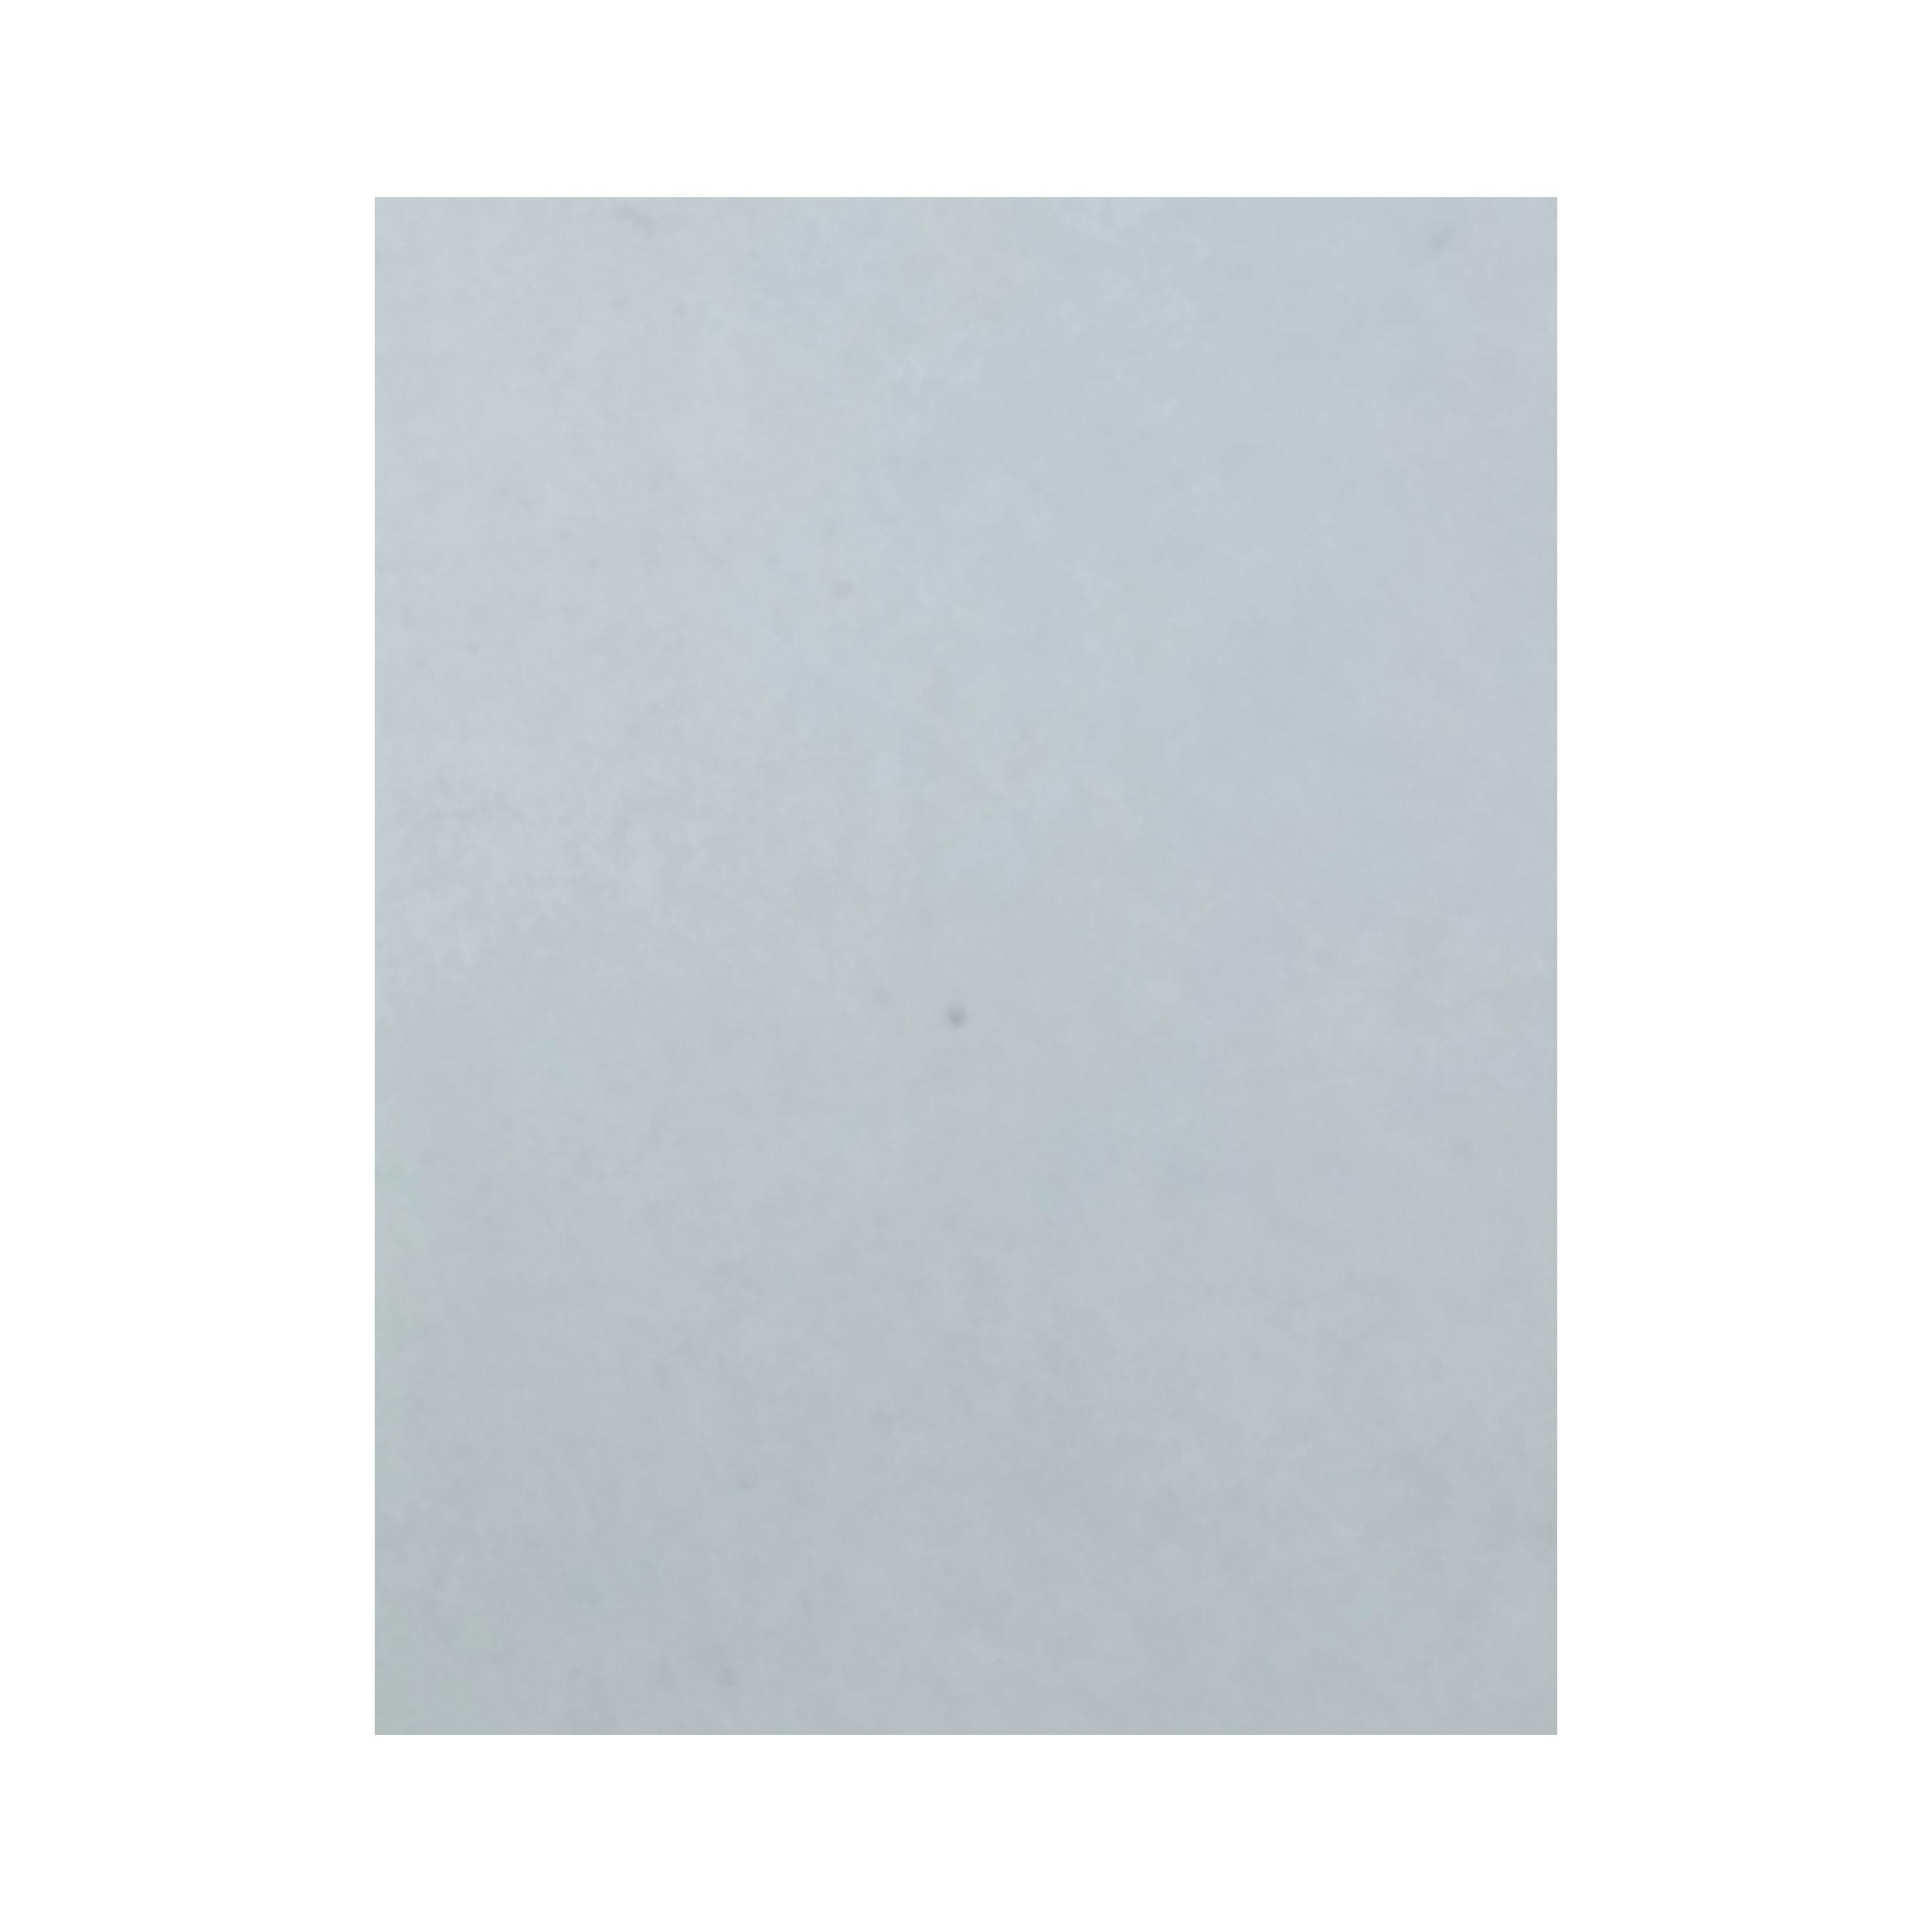 کاغذ کاهی فابیران کد آلمانی-45 سایز 30x40 سانتی متر بسته 1000 عددی